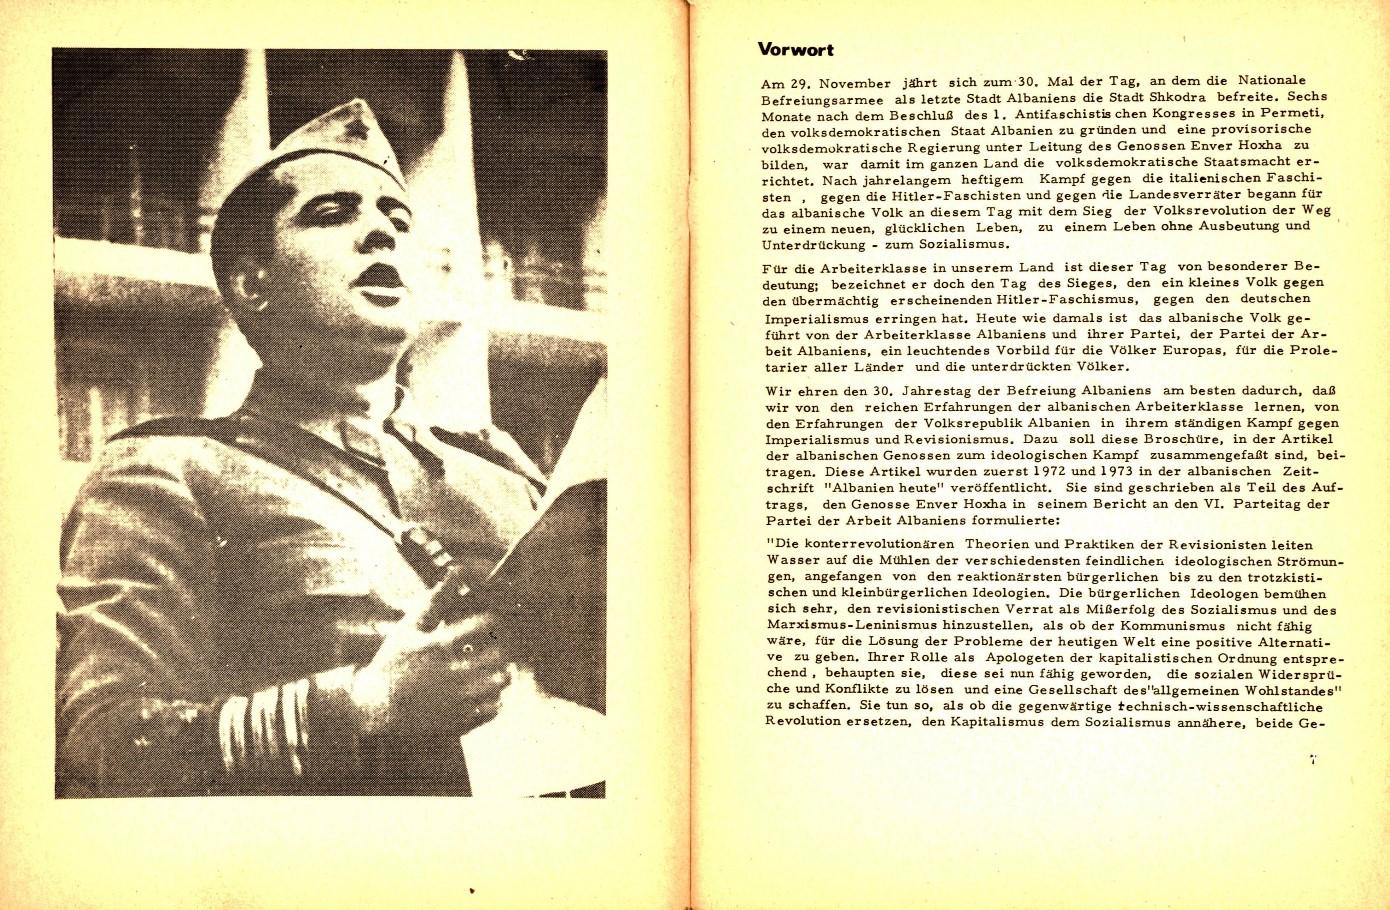 KPDAO_1974_30_Jahre_Befreiung_Albaniens_04